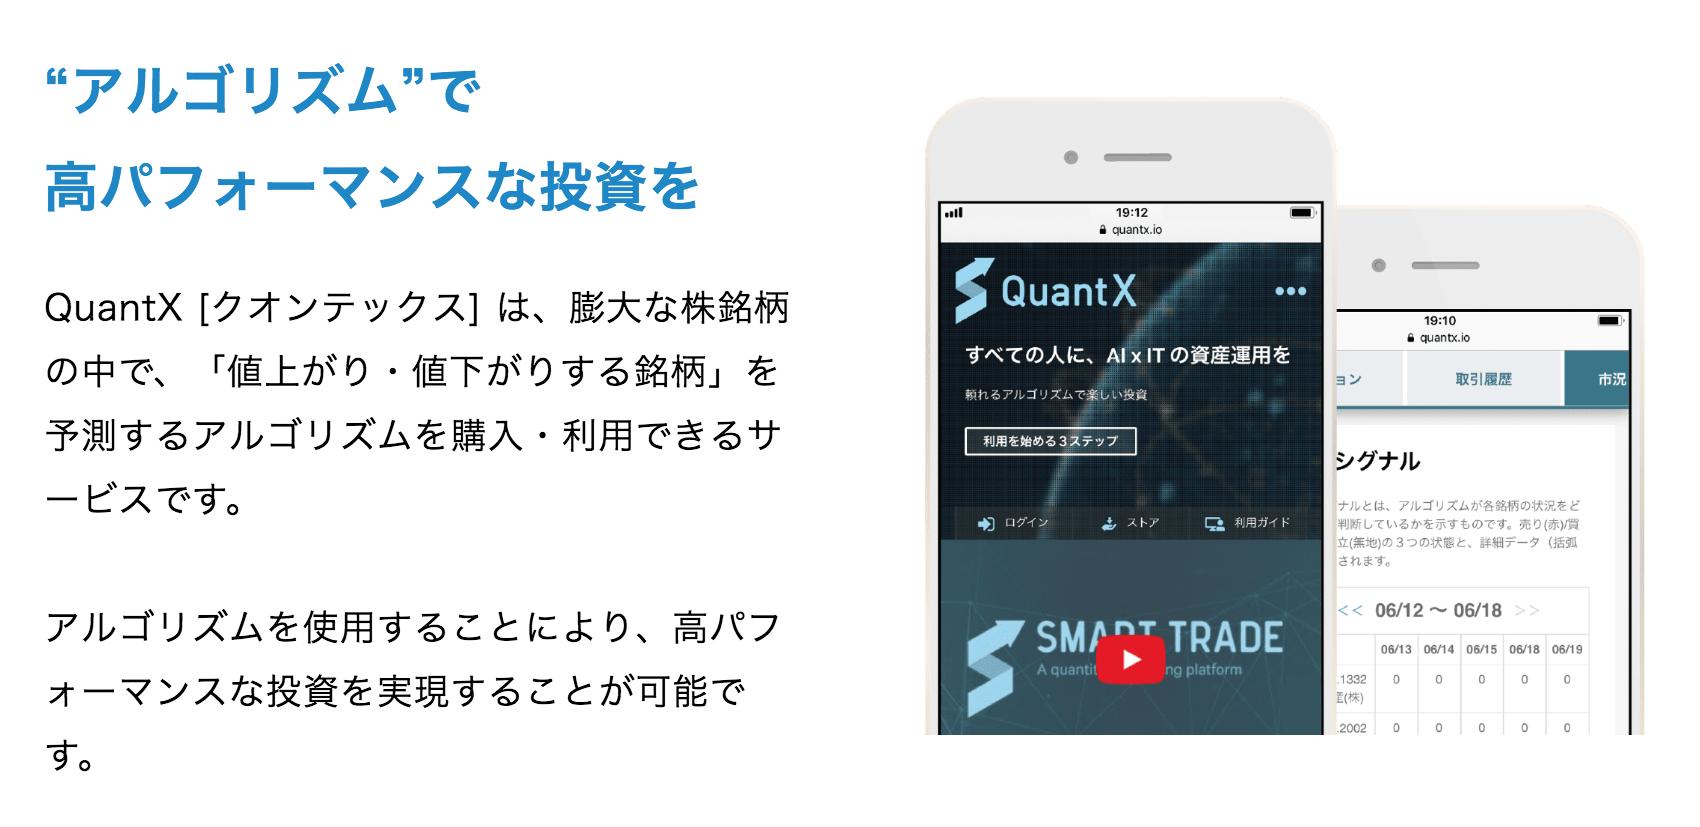 QuantX(クオンテックス)とは?